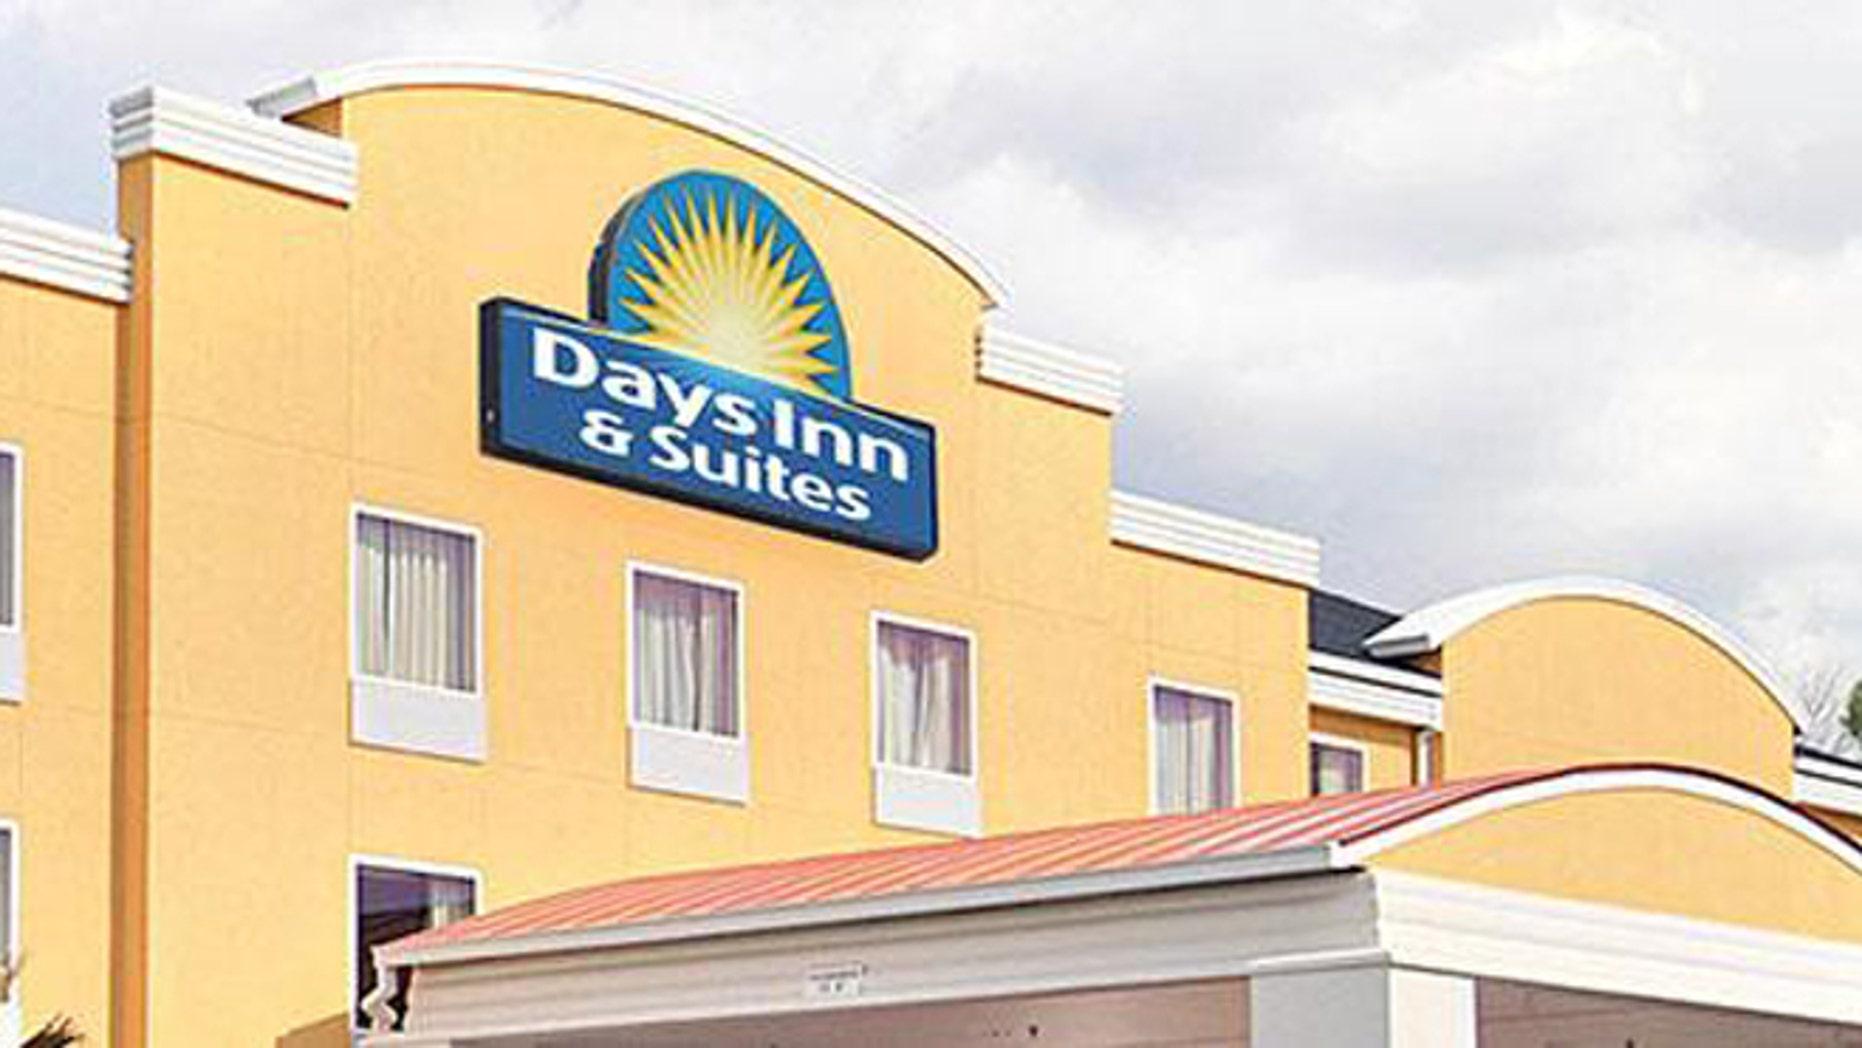 Days Inn is a member of Wyndham hotel portfolio.